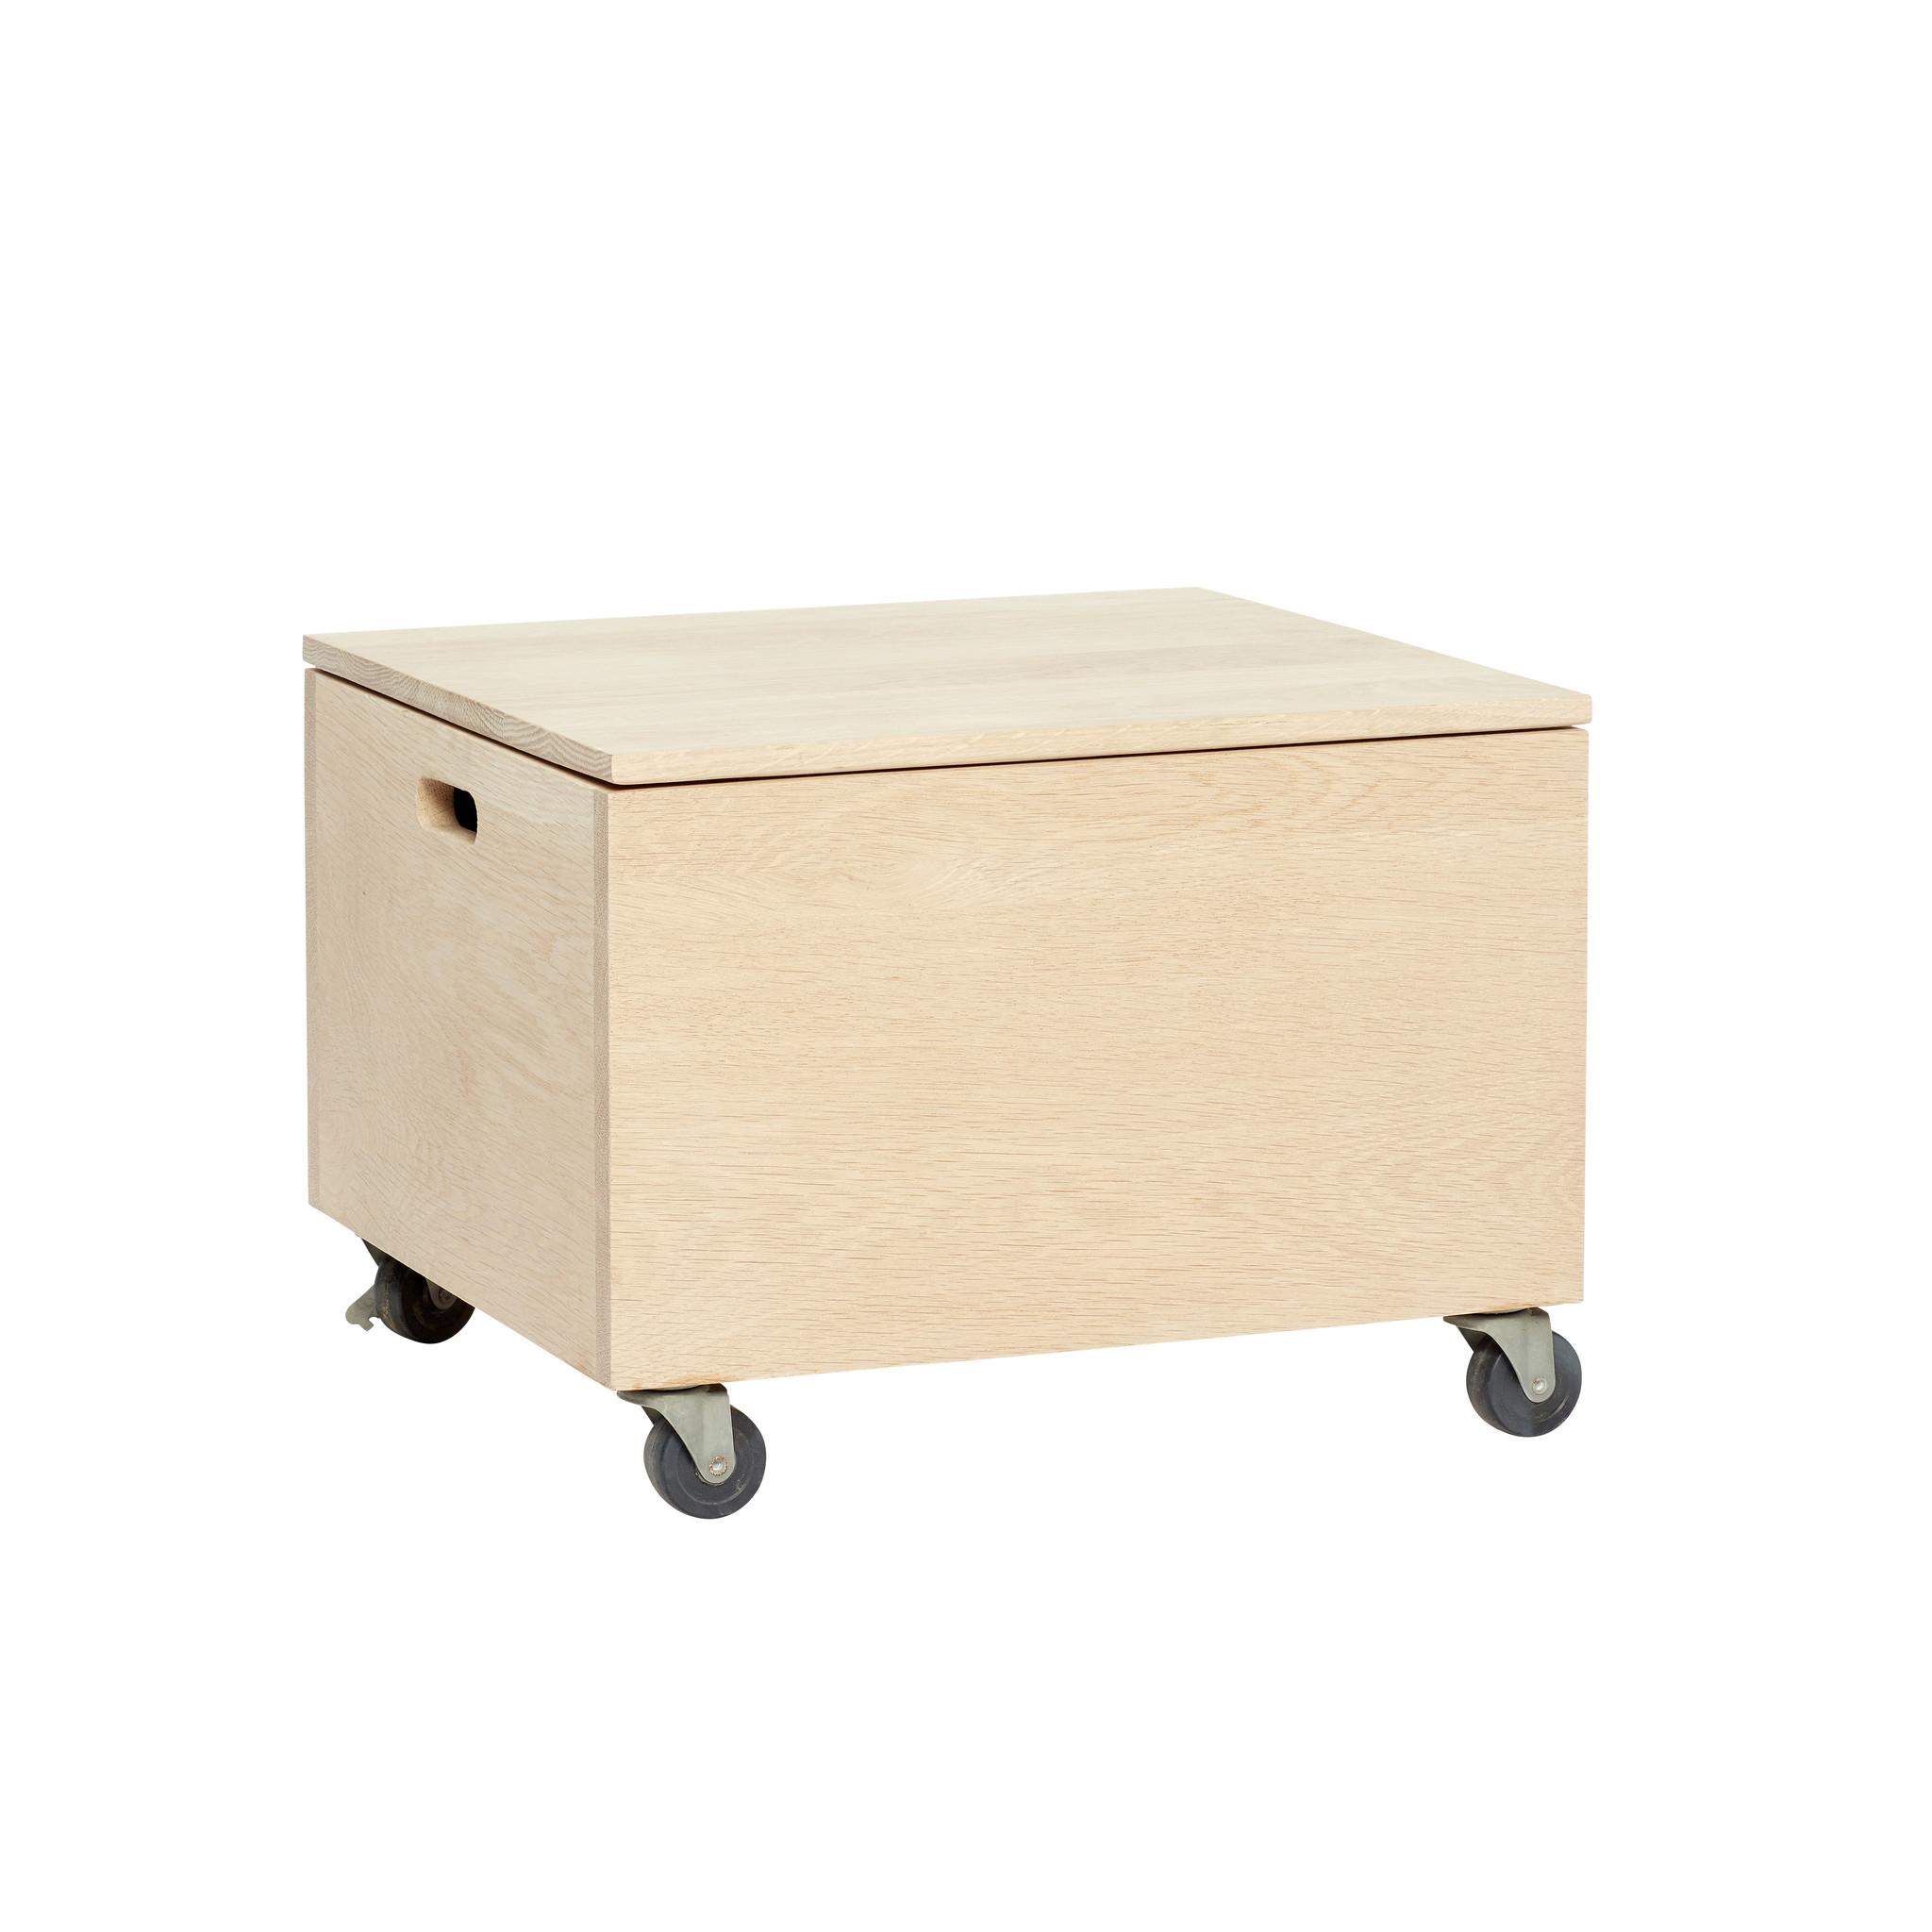 Super Hübsch houten kist met wielen, eiken - Winkel voor Thuis BY-95